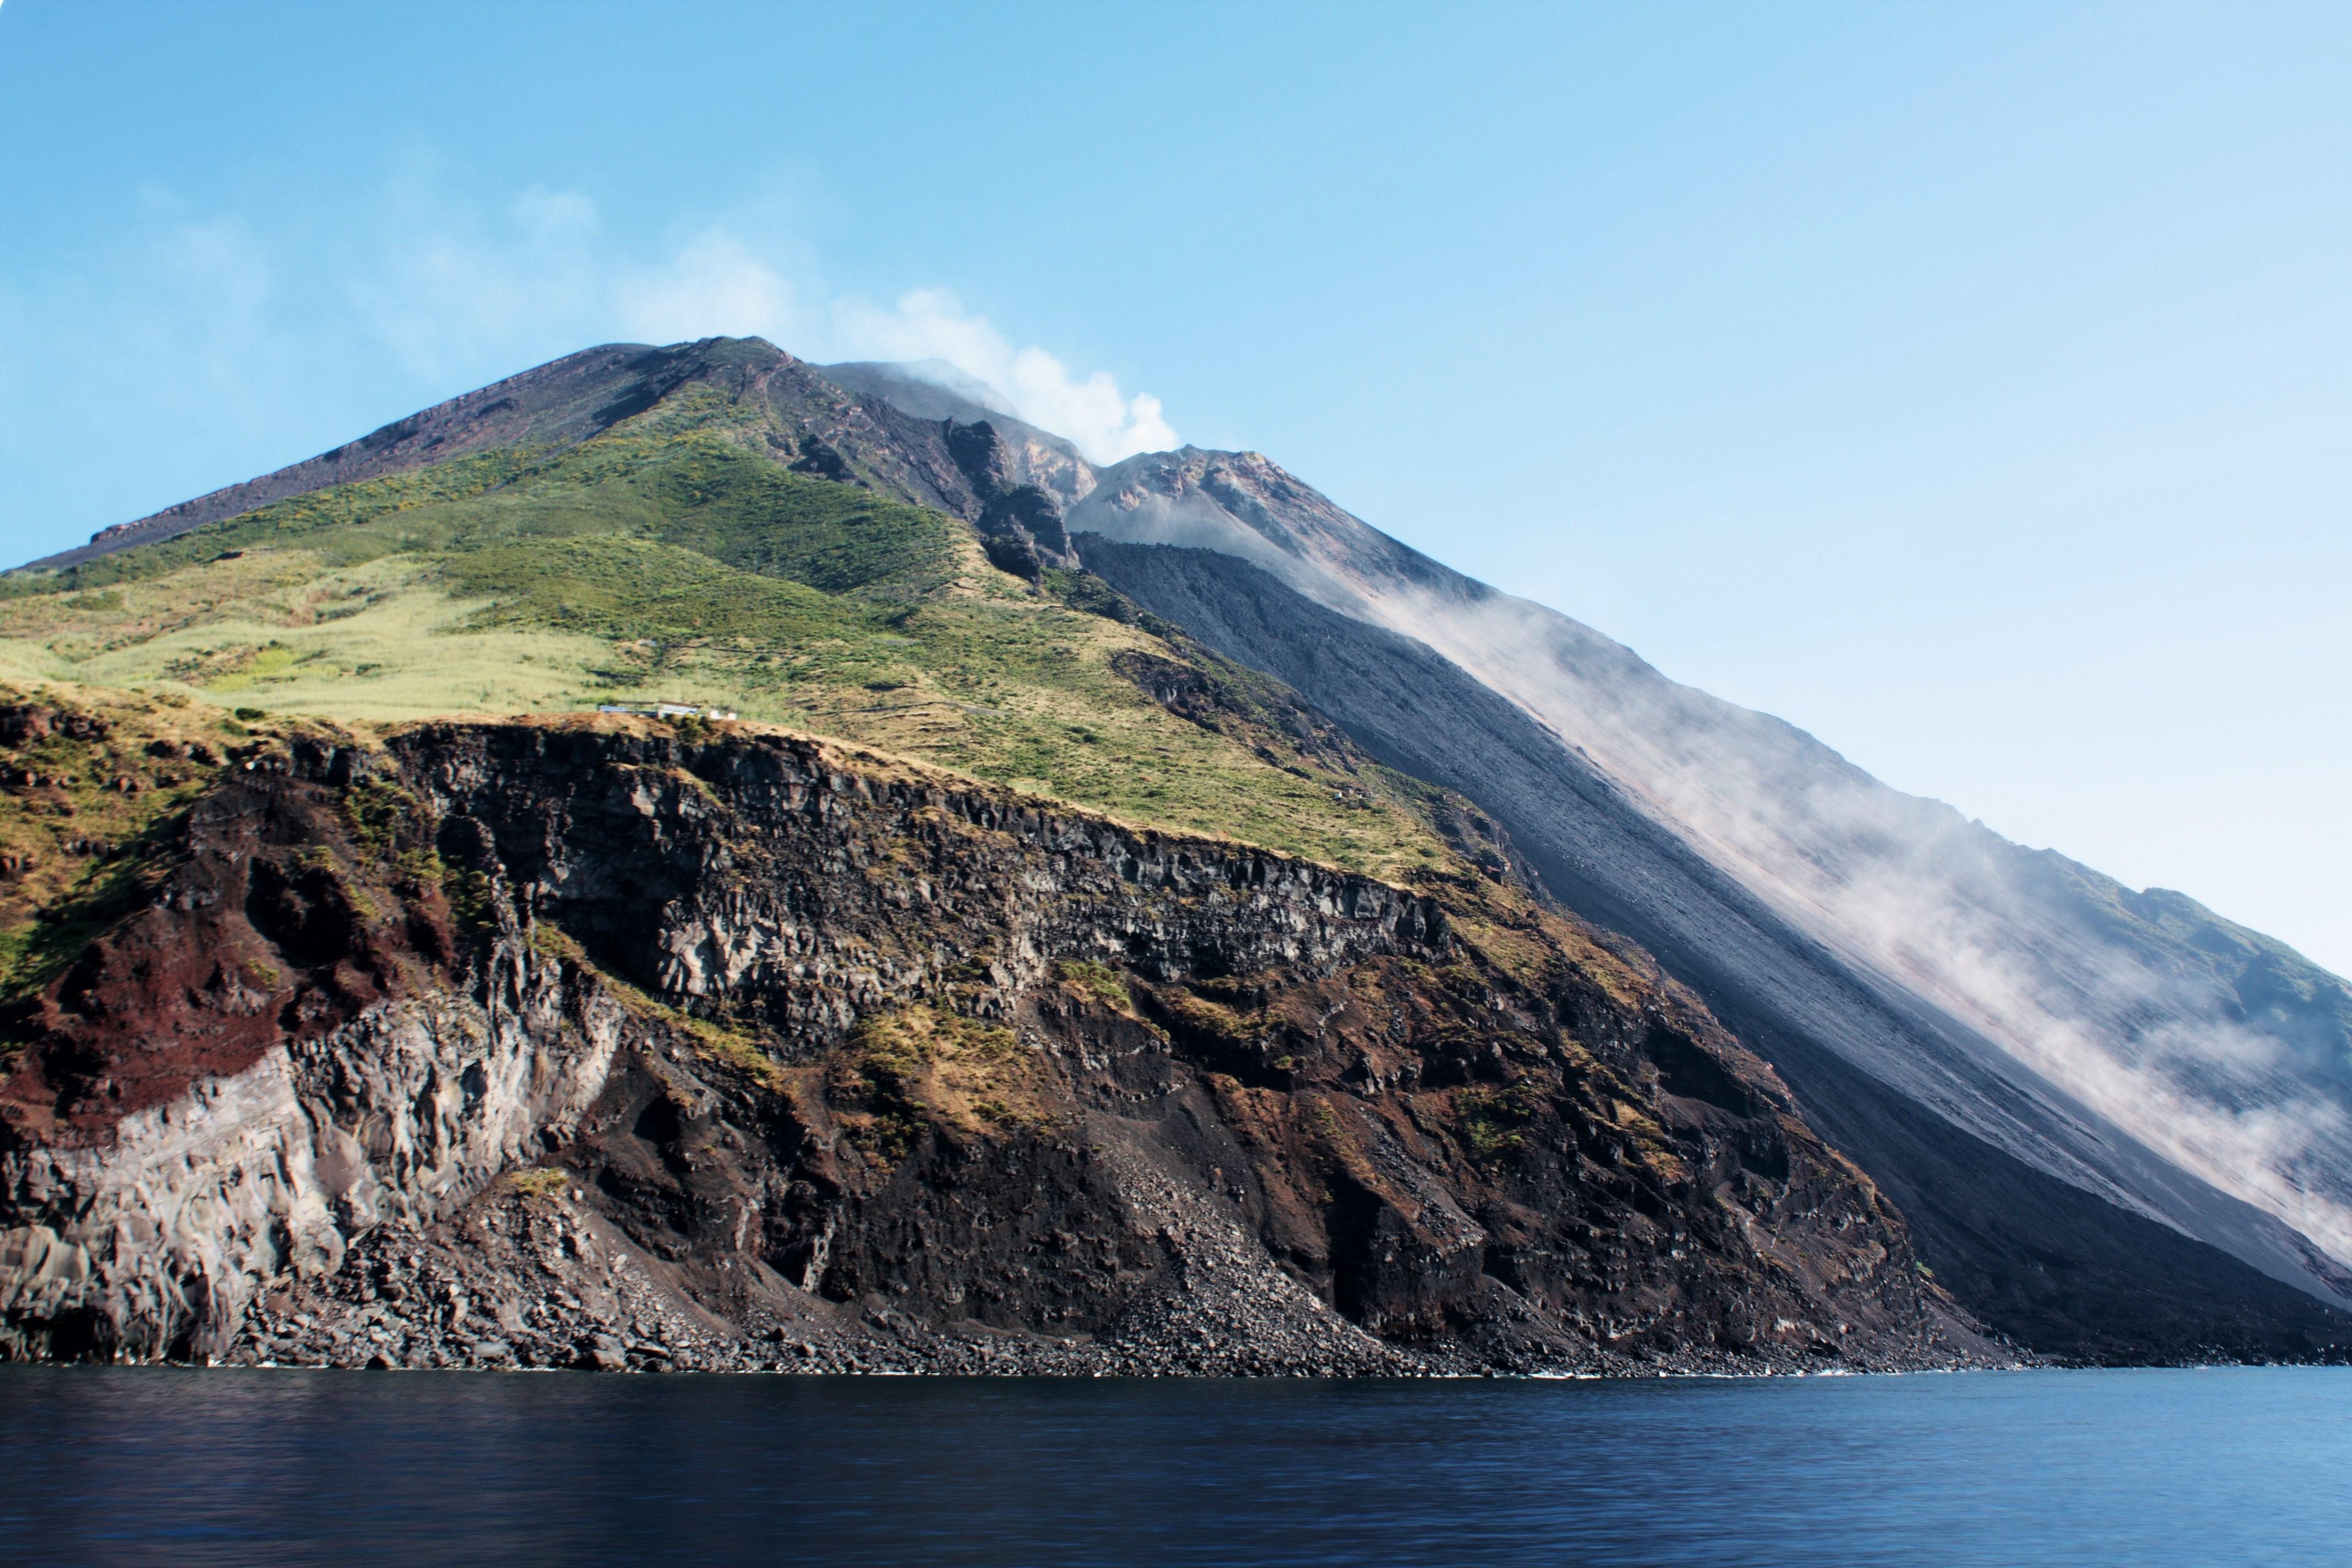 Quale vulcano sempre attivo, stromboli e' sempre monitorato.